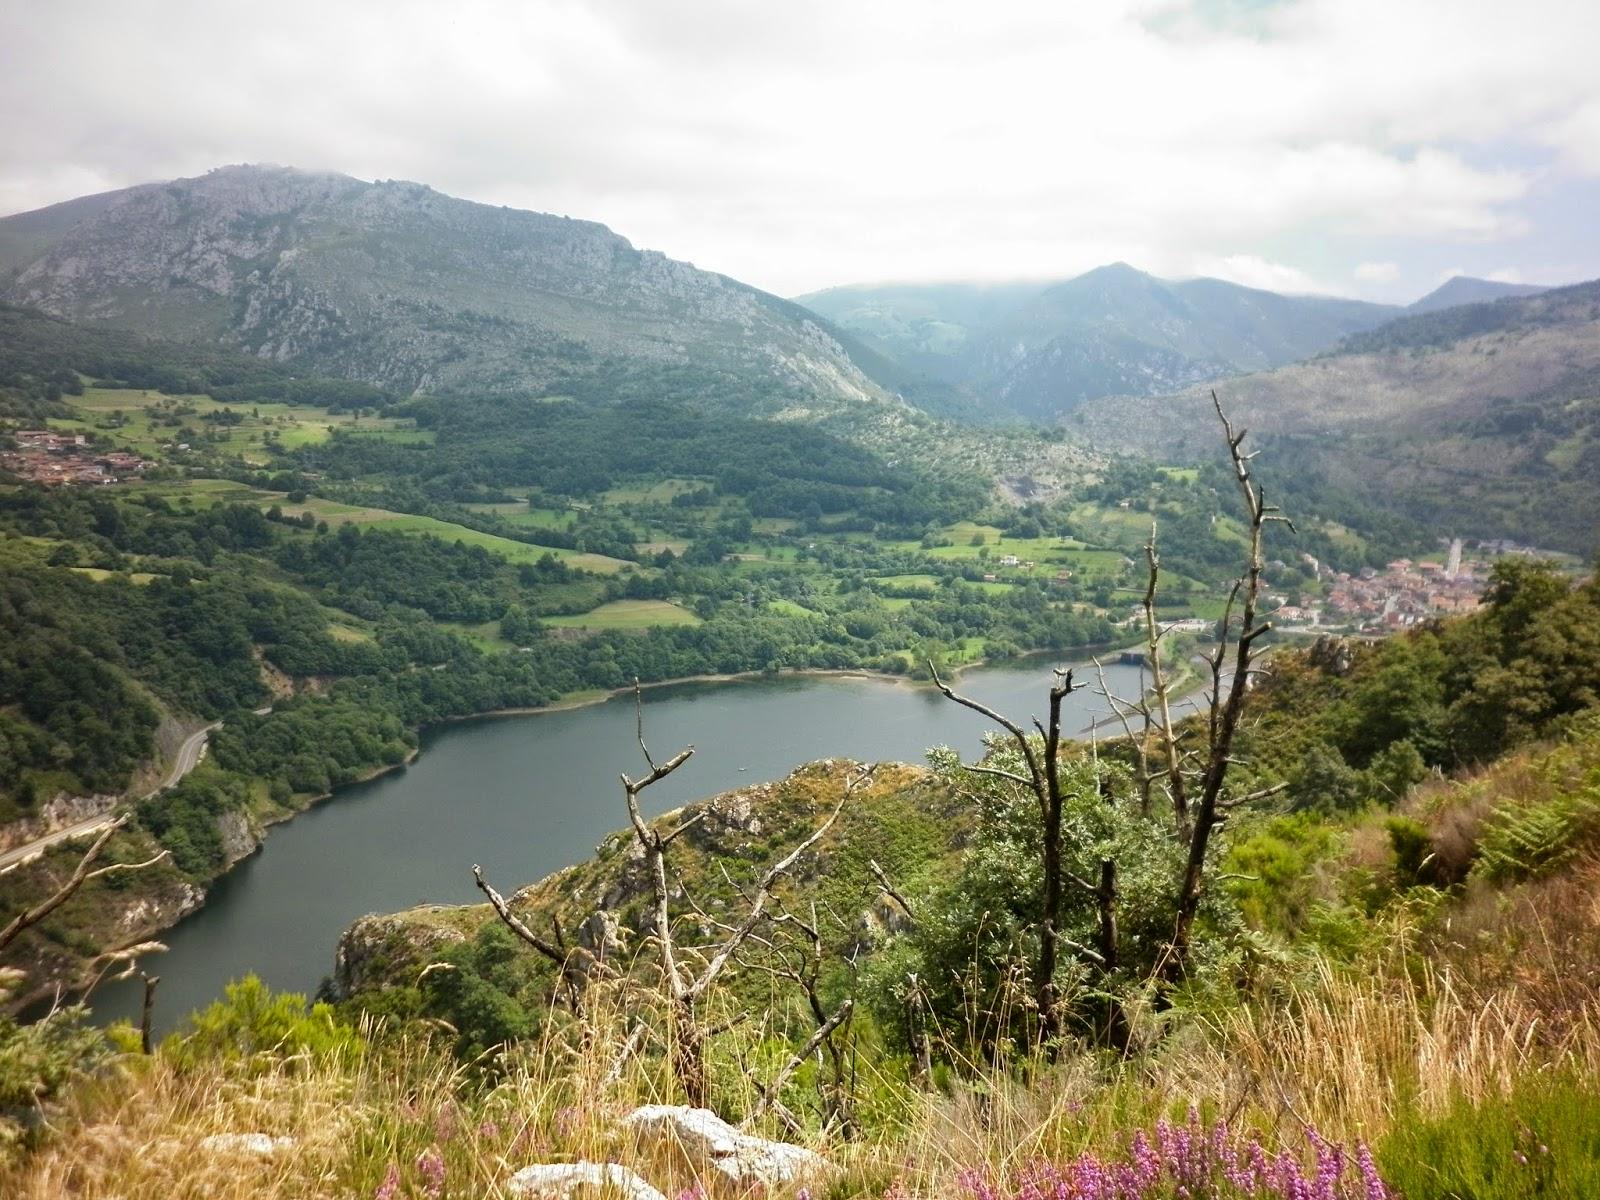 Vistas hacia el embalse de Rioseco y los pueblos asturianos de Campiellos y Rioseco.